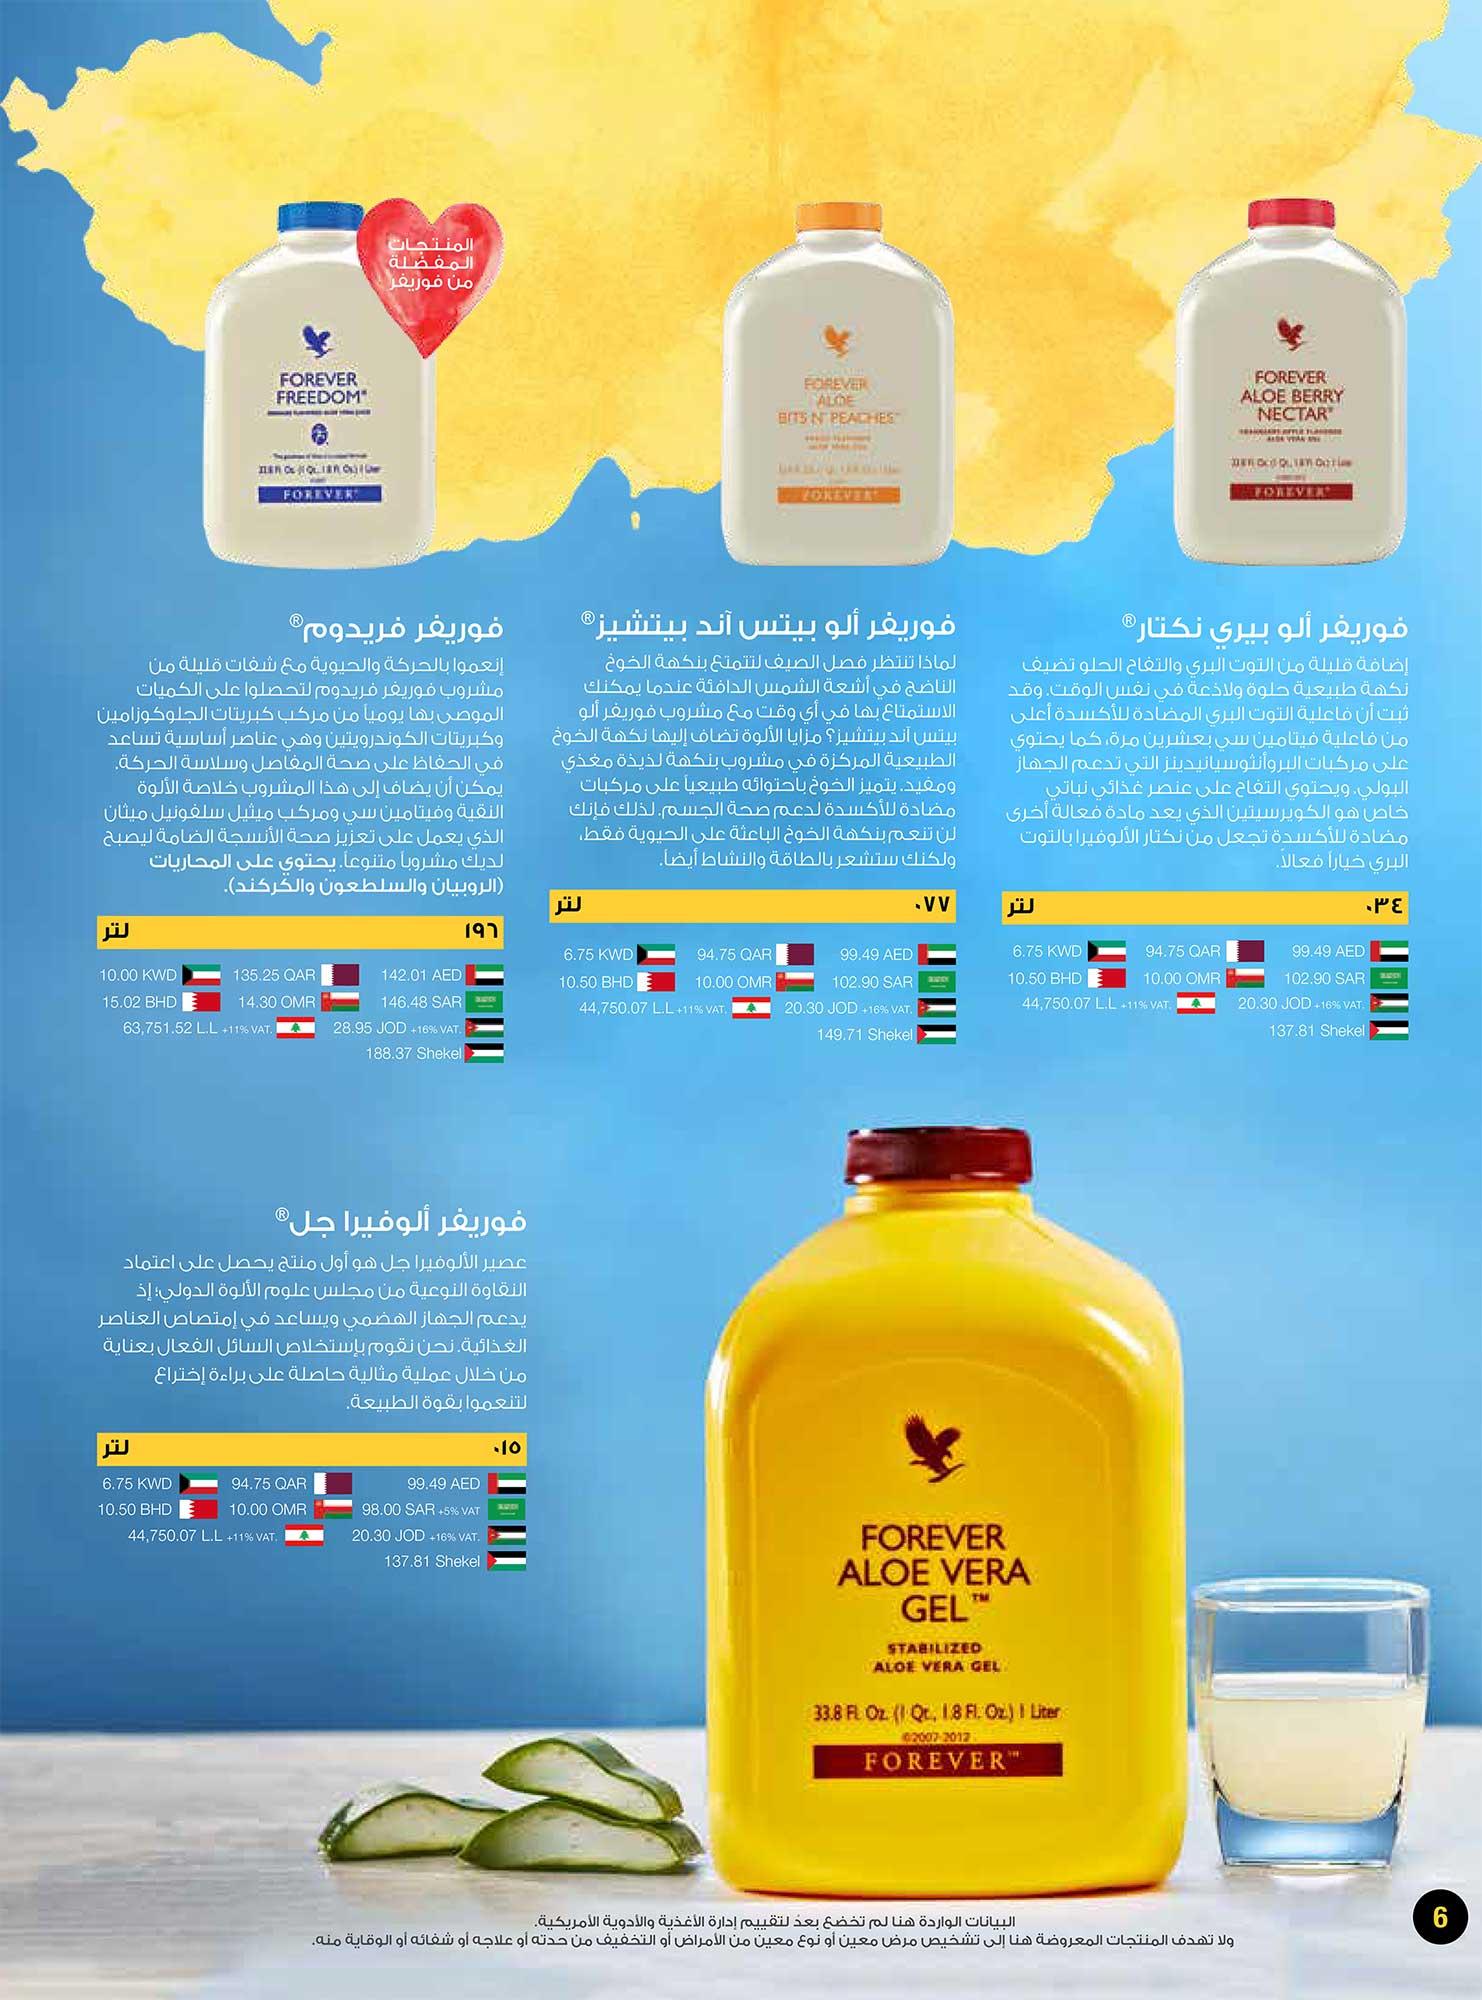 سعر عصير الصبار من فور ايفر الألوفيرا في العراق و السعودية و مصر و الكويت و عمان و قطر و البحرين